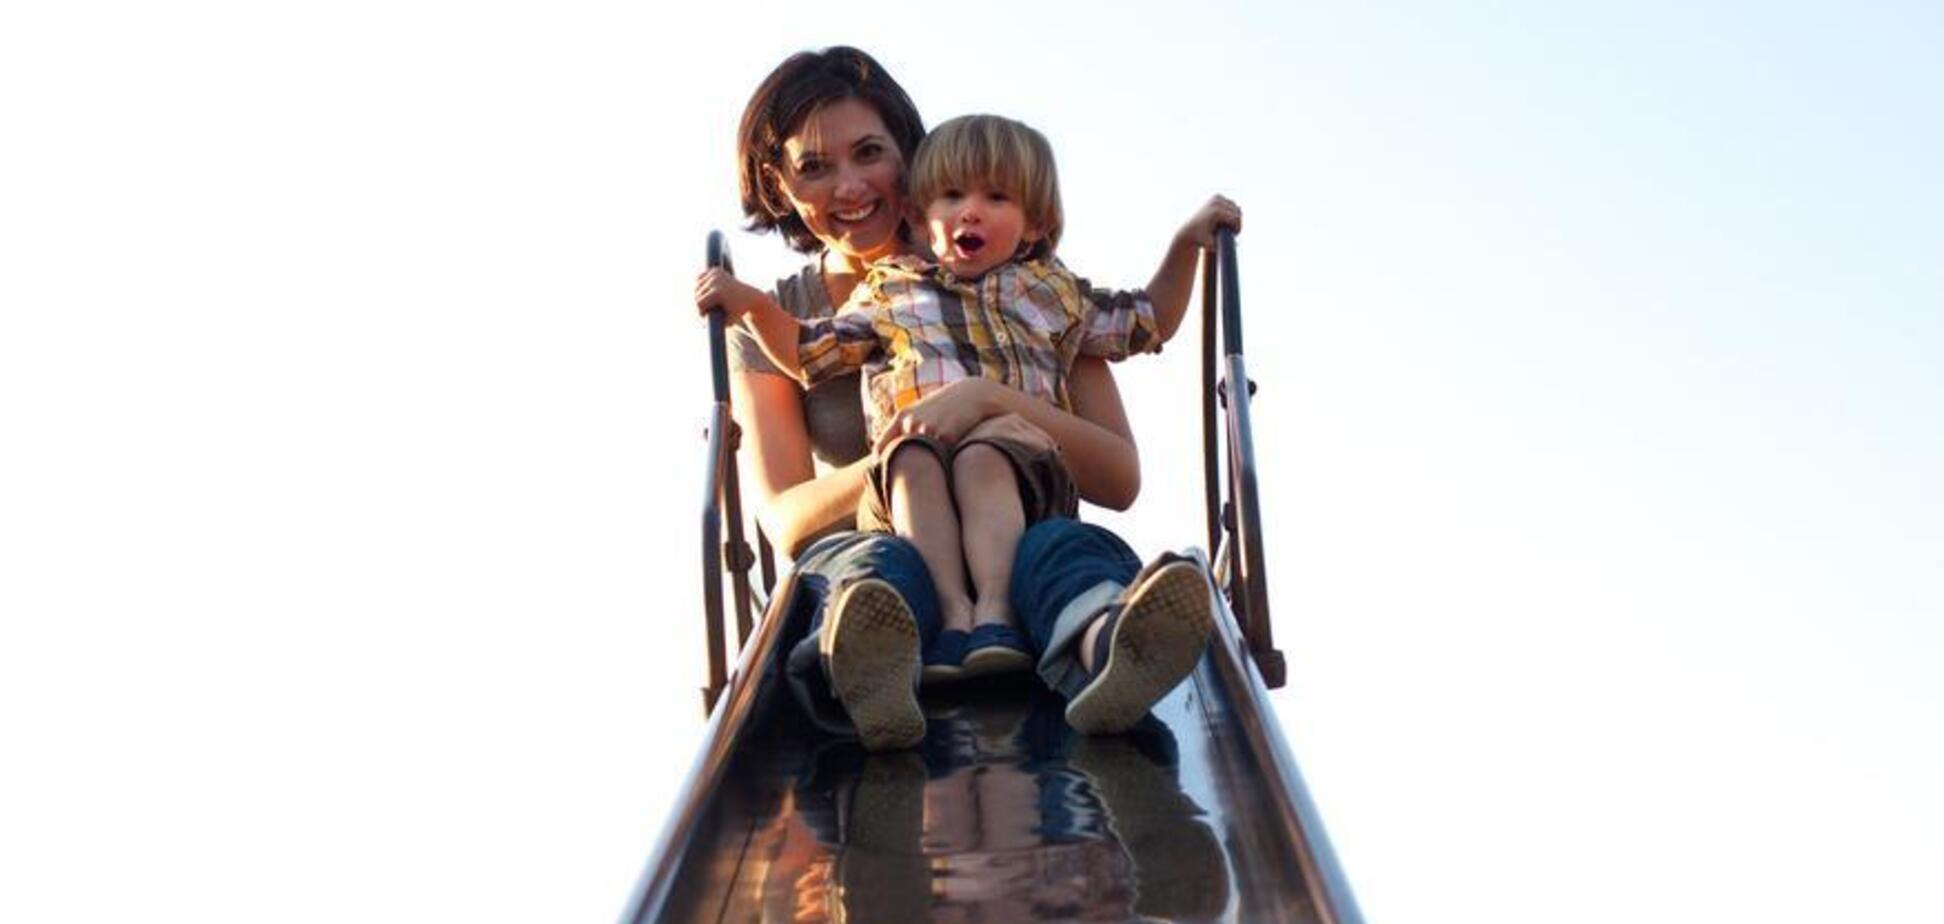 Родителям на заметку: травматологи рассказали, как нельзя спускаться с детской горки